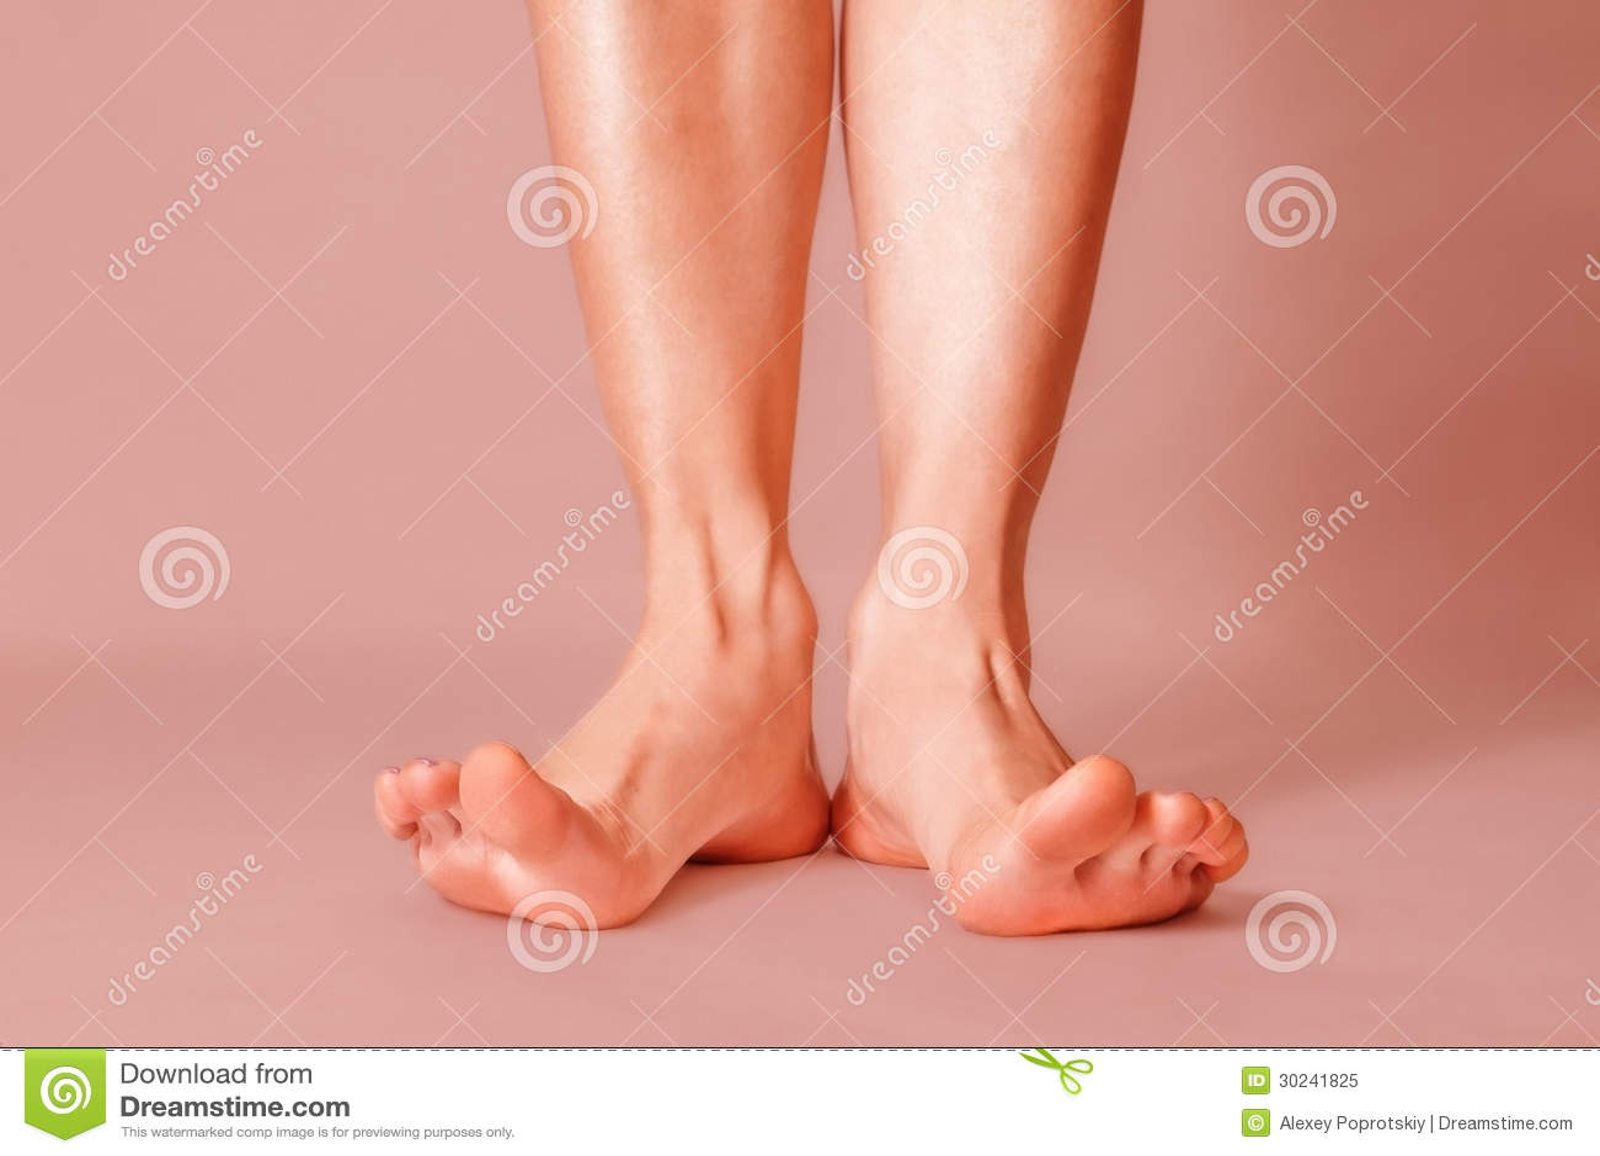 image Pies sucios femeninos lamidos limpios